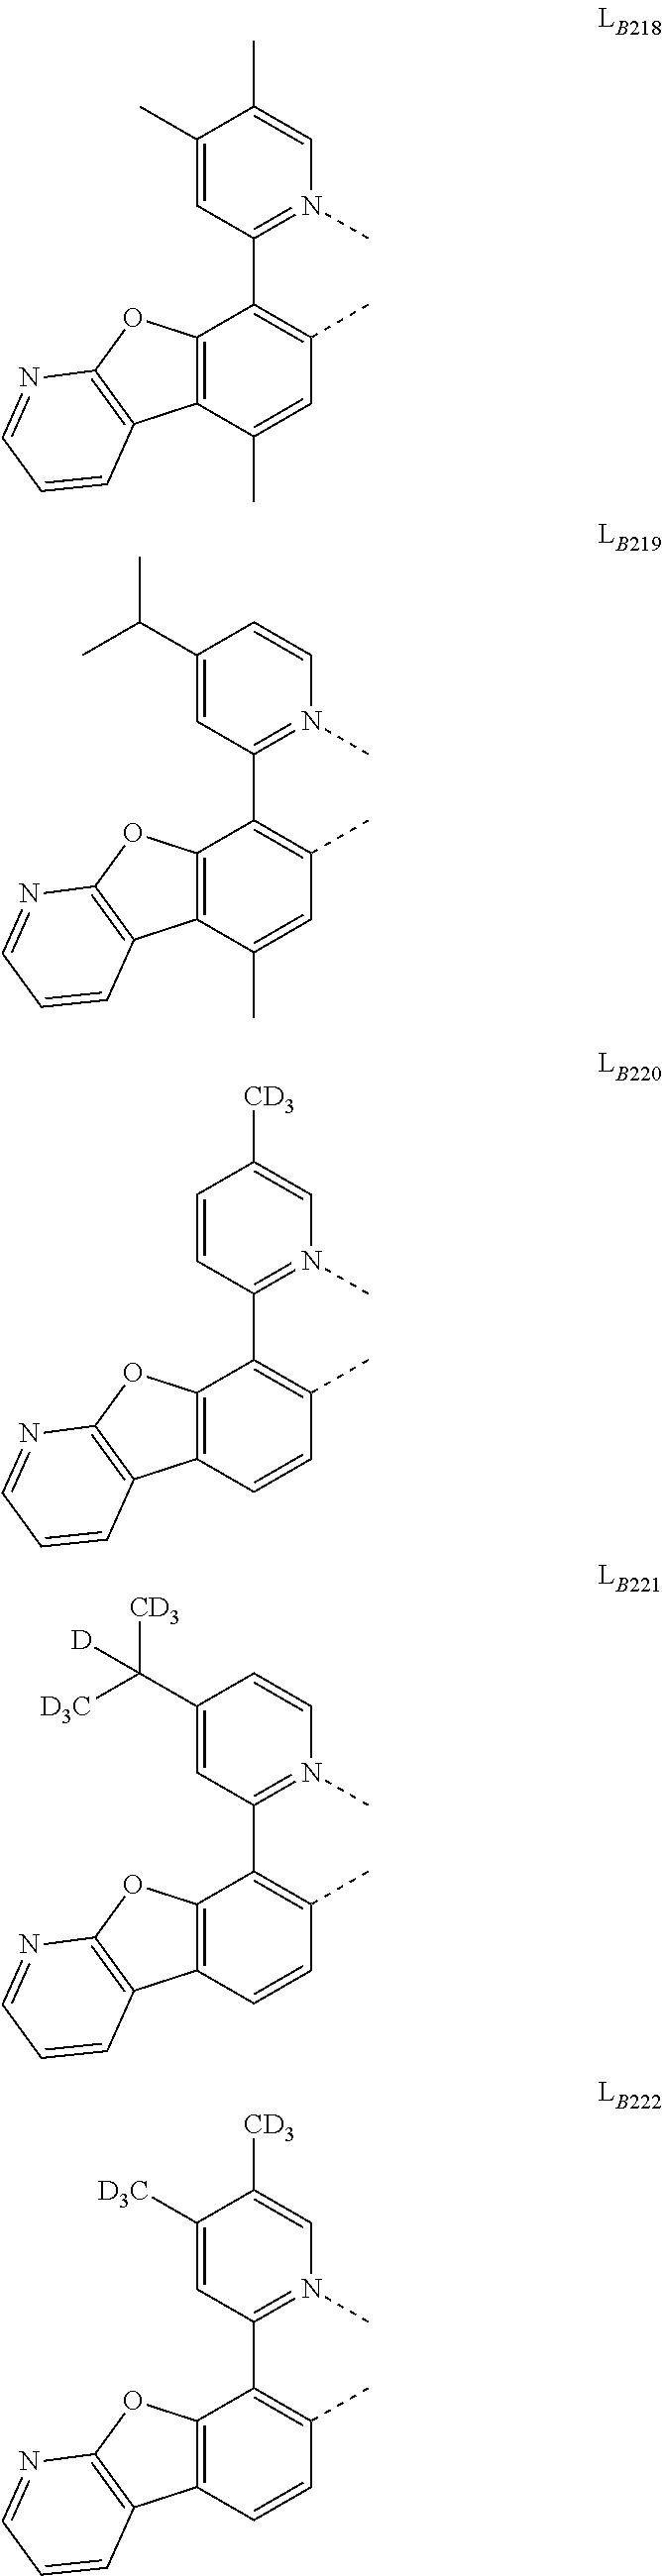 Figure US20180130962A1-20180510-C00110